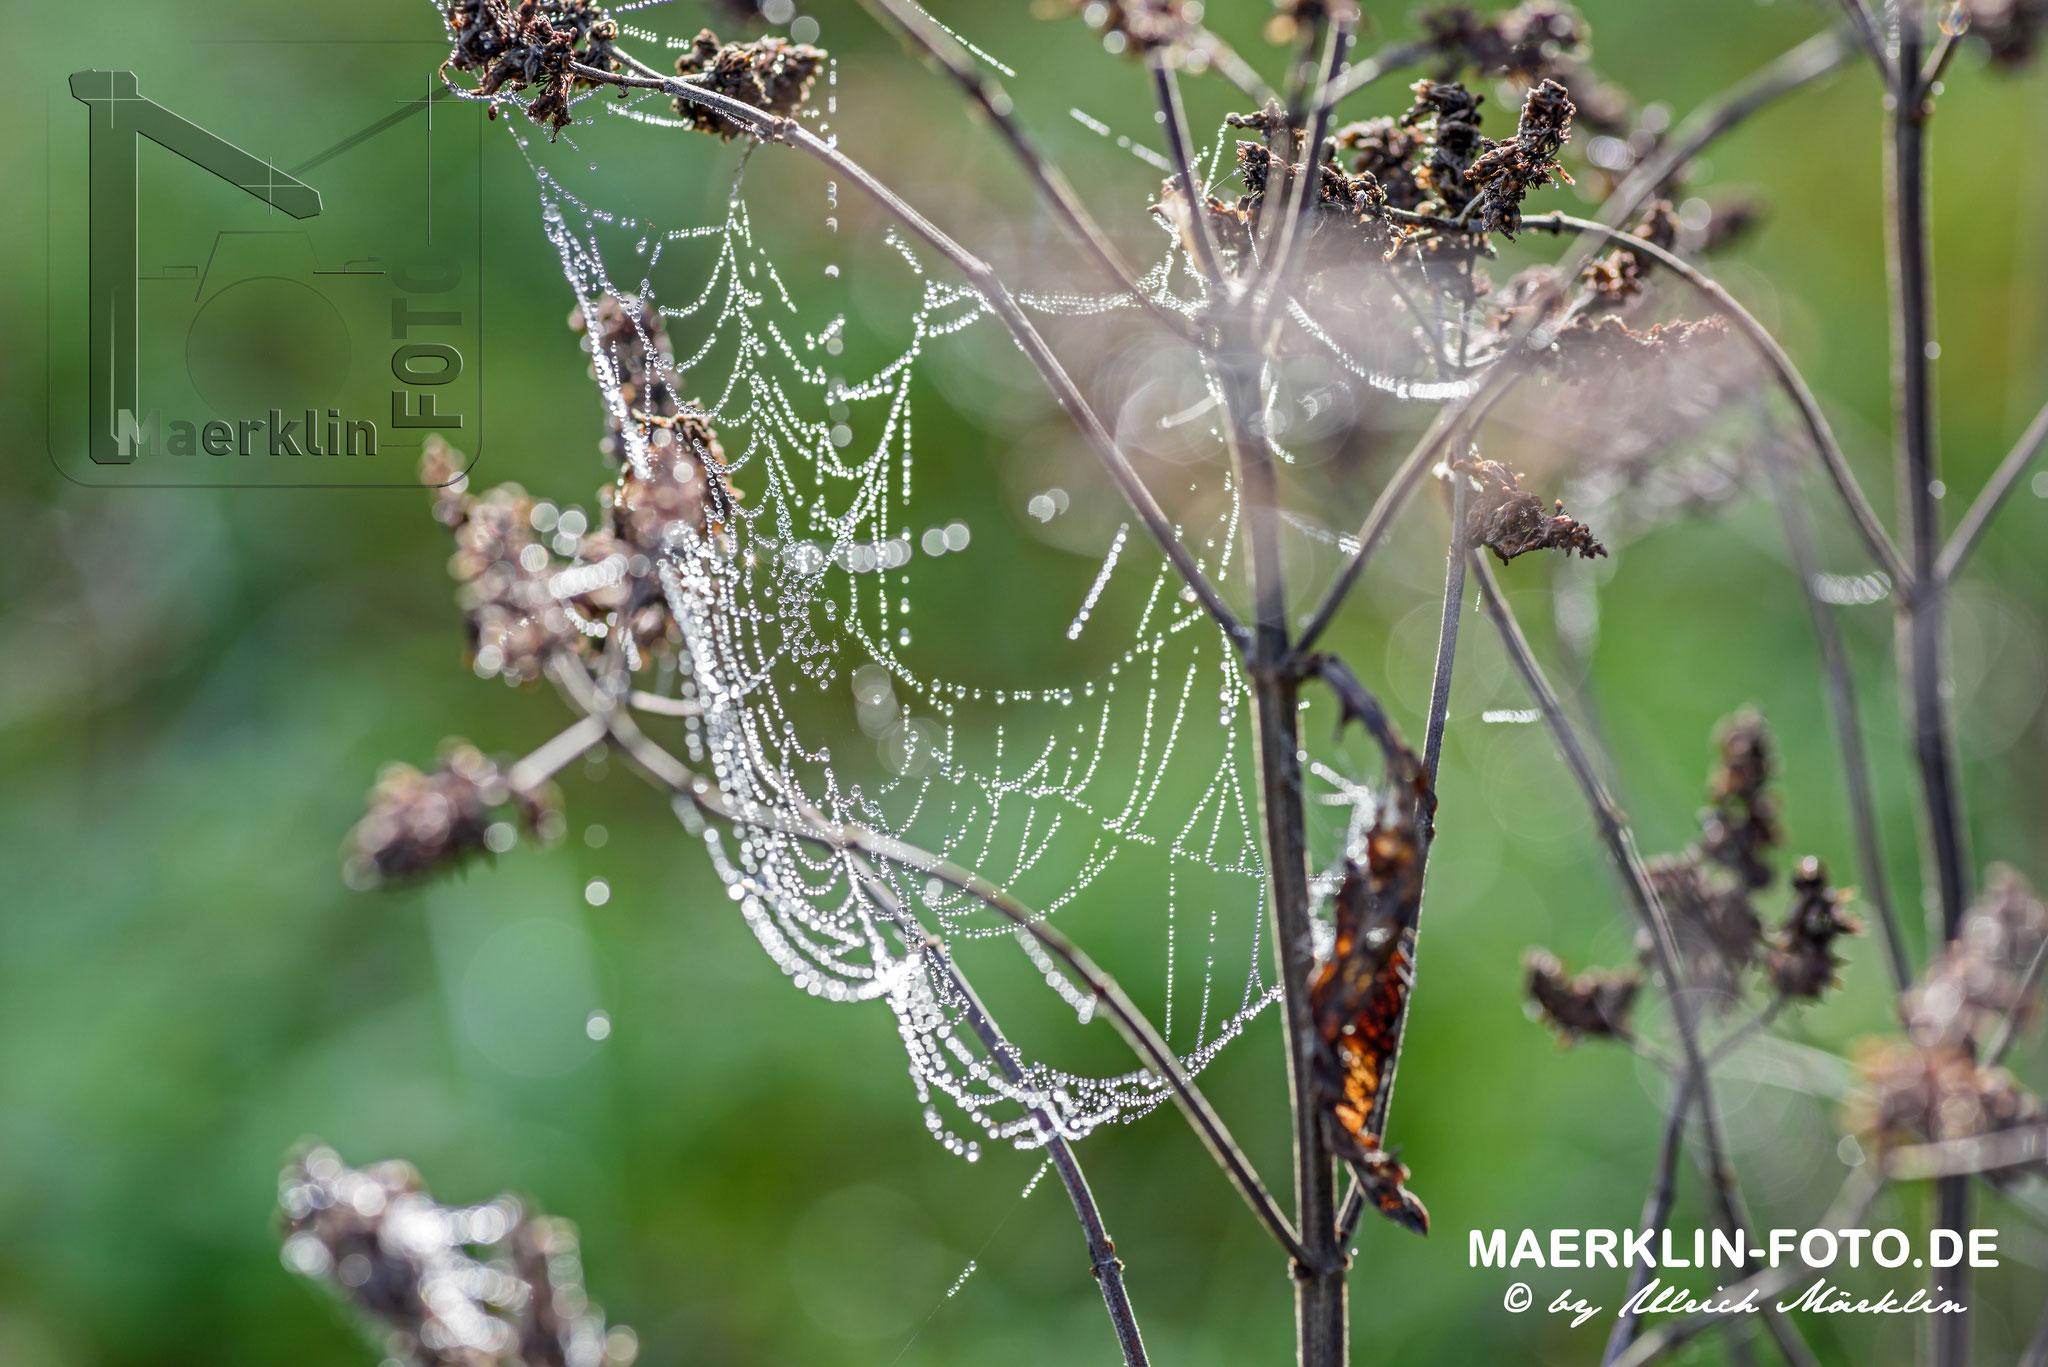 Tautropfen am Spinnenetz, Gegenlichtaufnahme, Naturpark Schönbuch